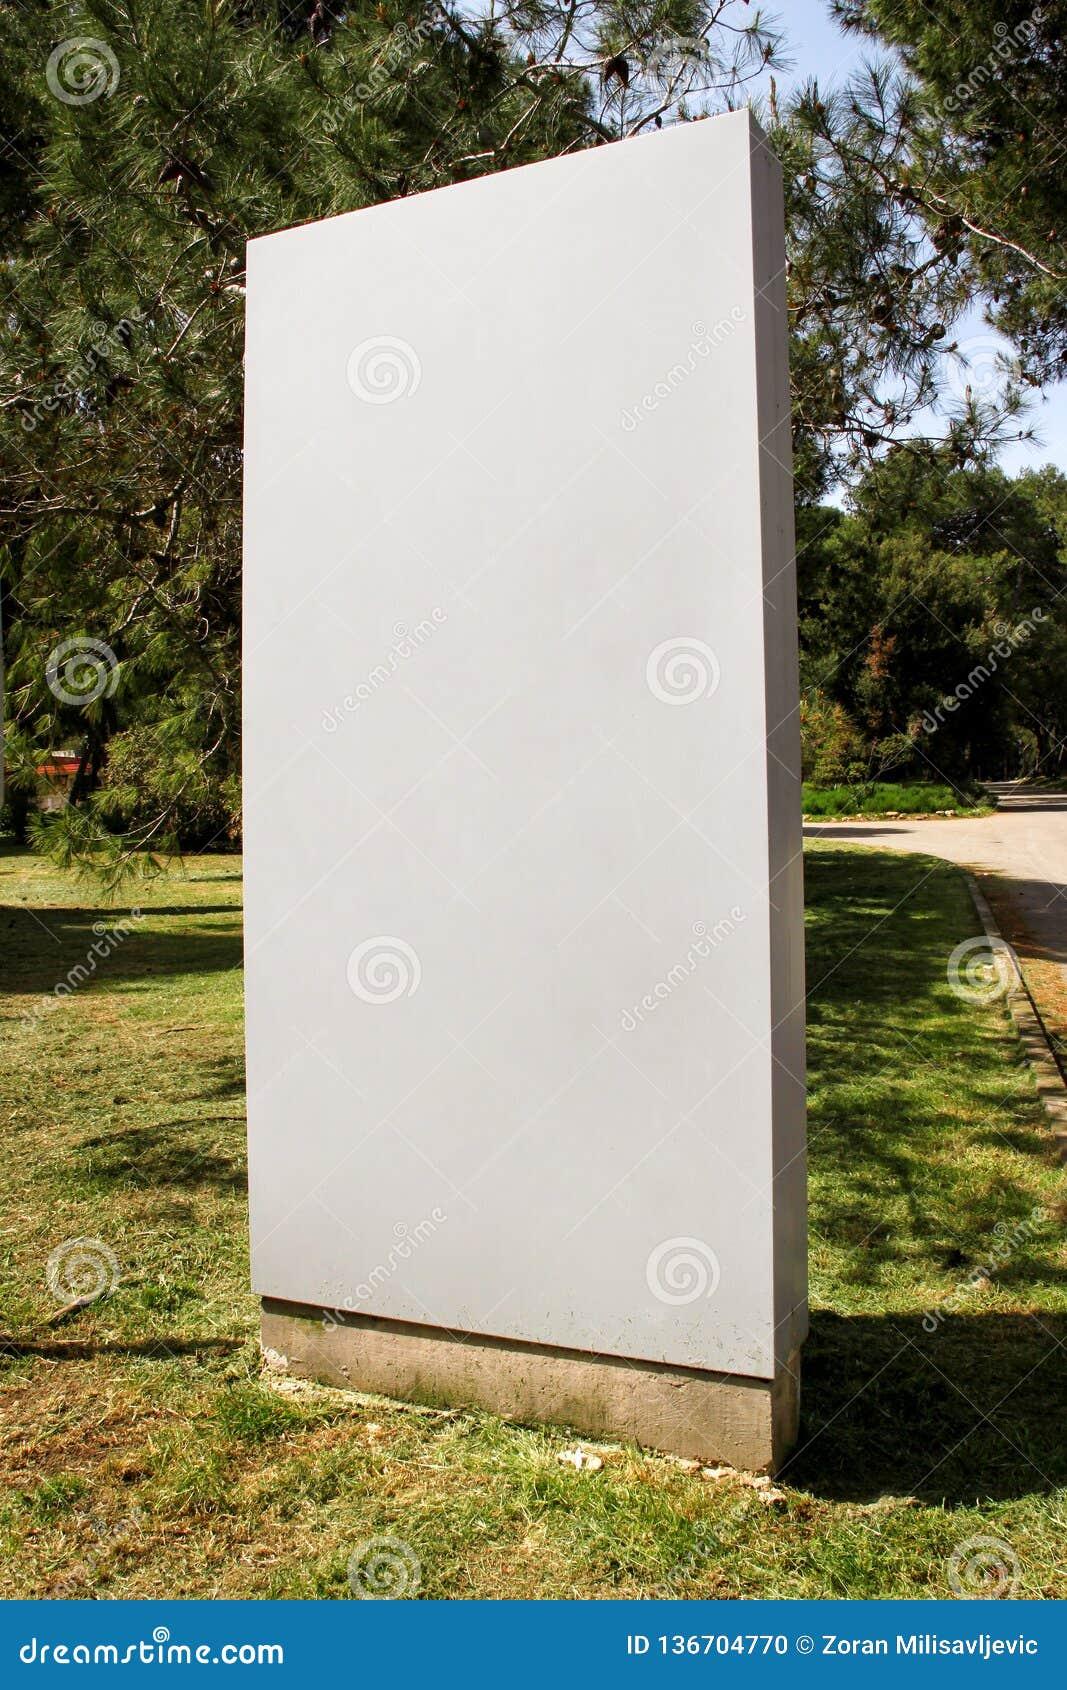 Exhibición de la cartelera de publicidad del espacio en blanco de la calle, tabla del aviso Agencias de publicidad